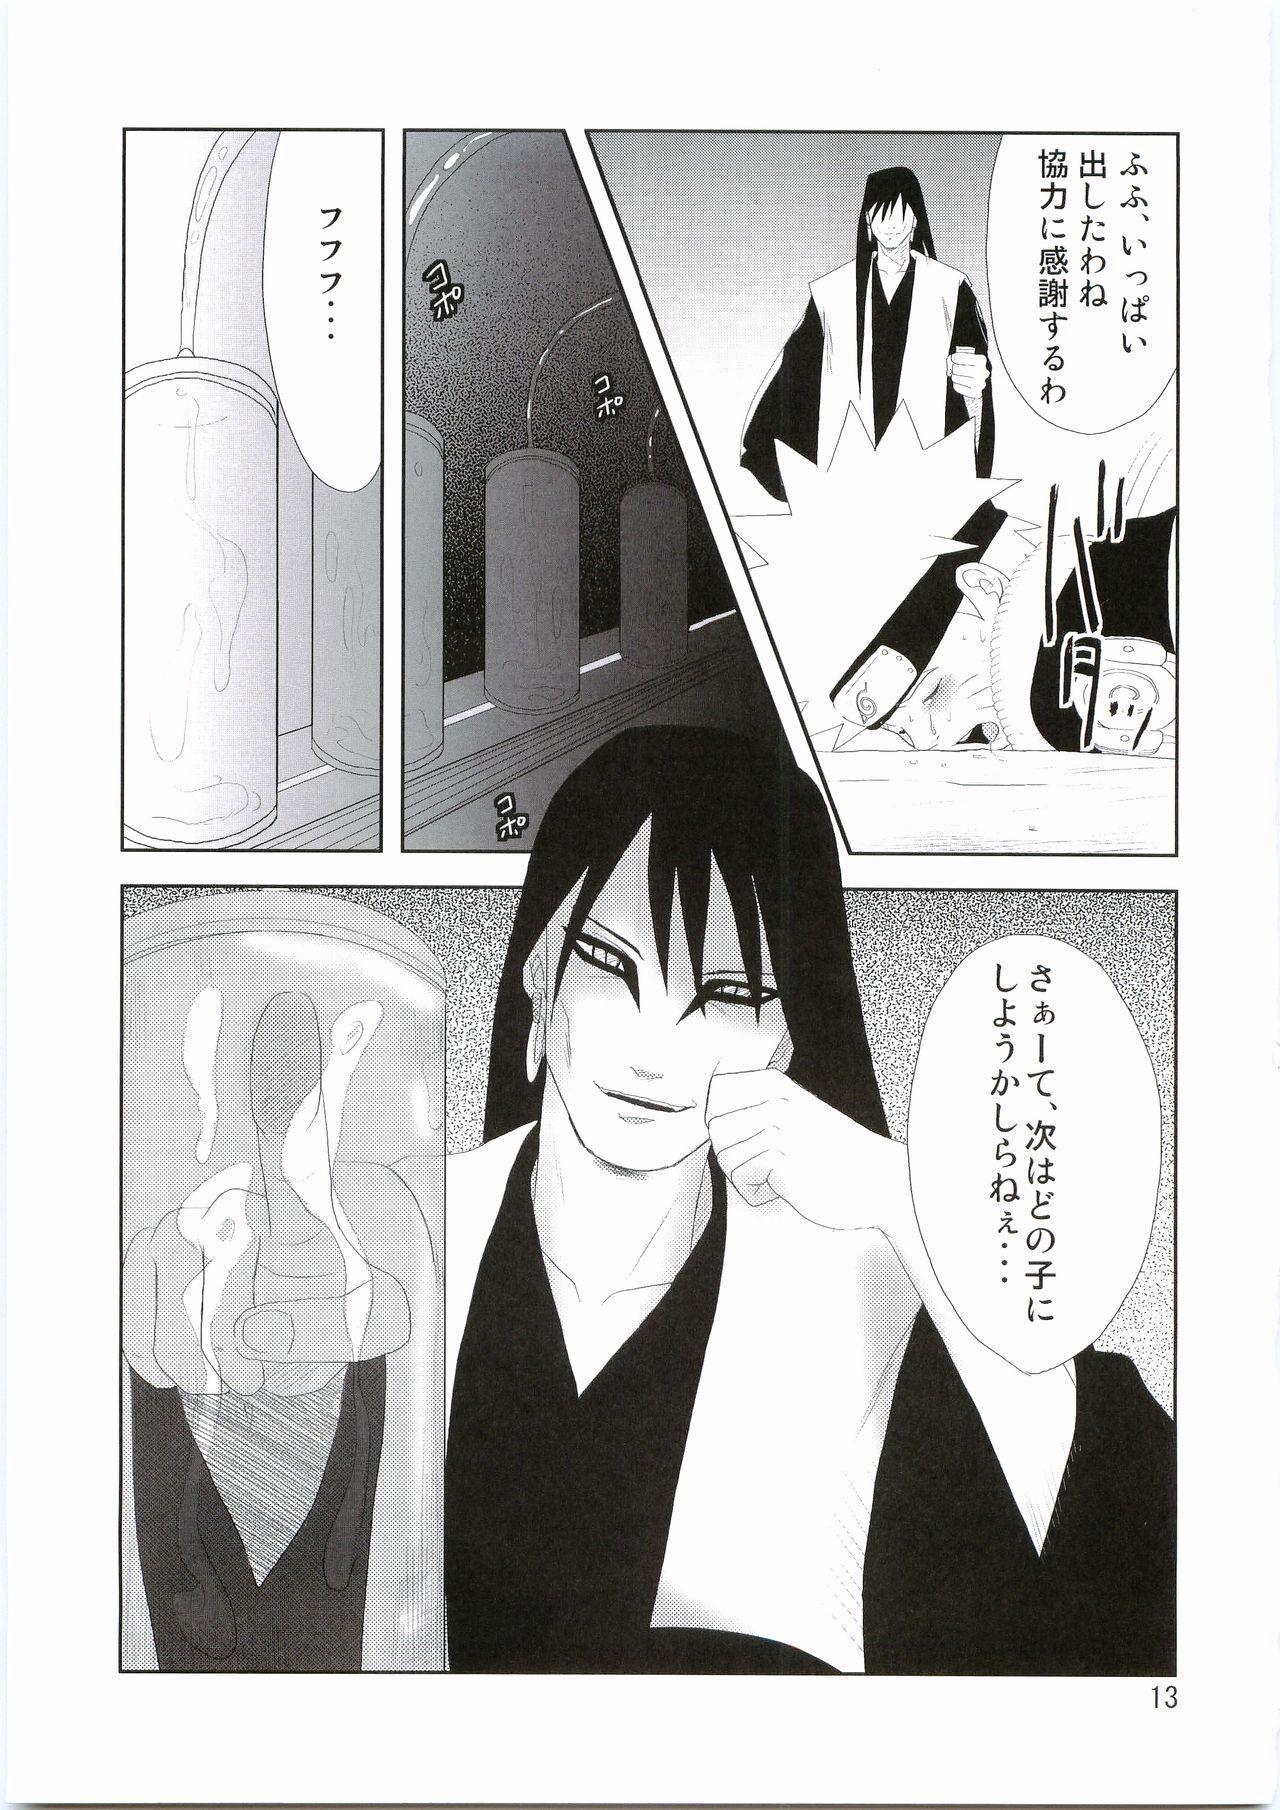 Shinobi no Kokoroe 13